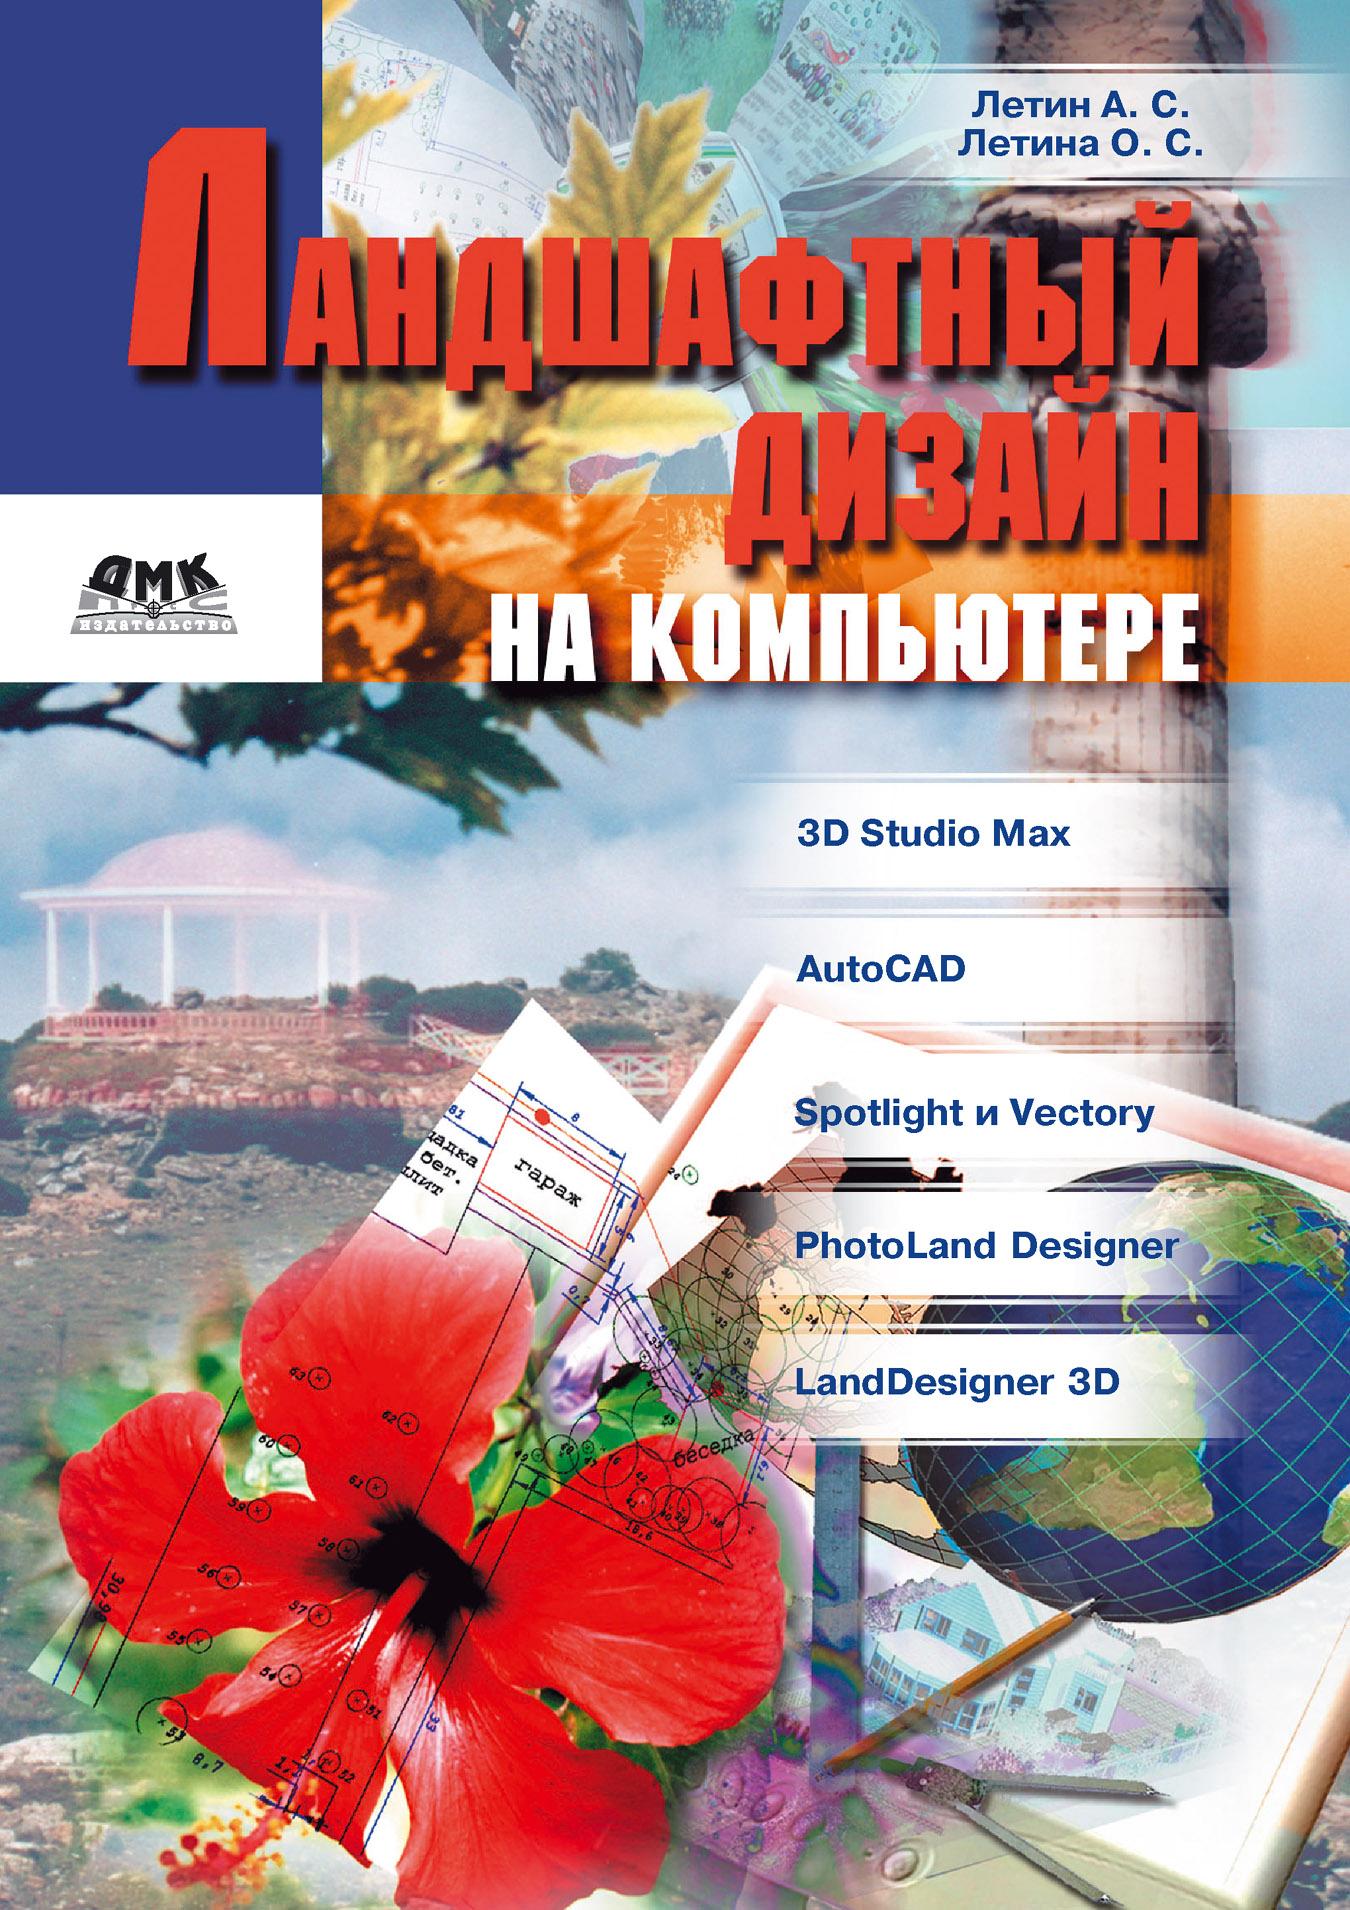 Ольга Летина, Александр Летин «Ландшафтный дизайн на компьютере»